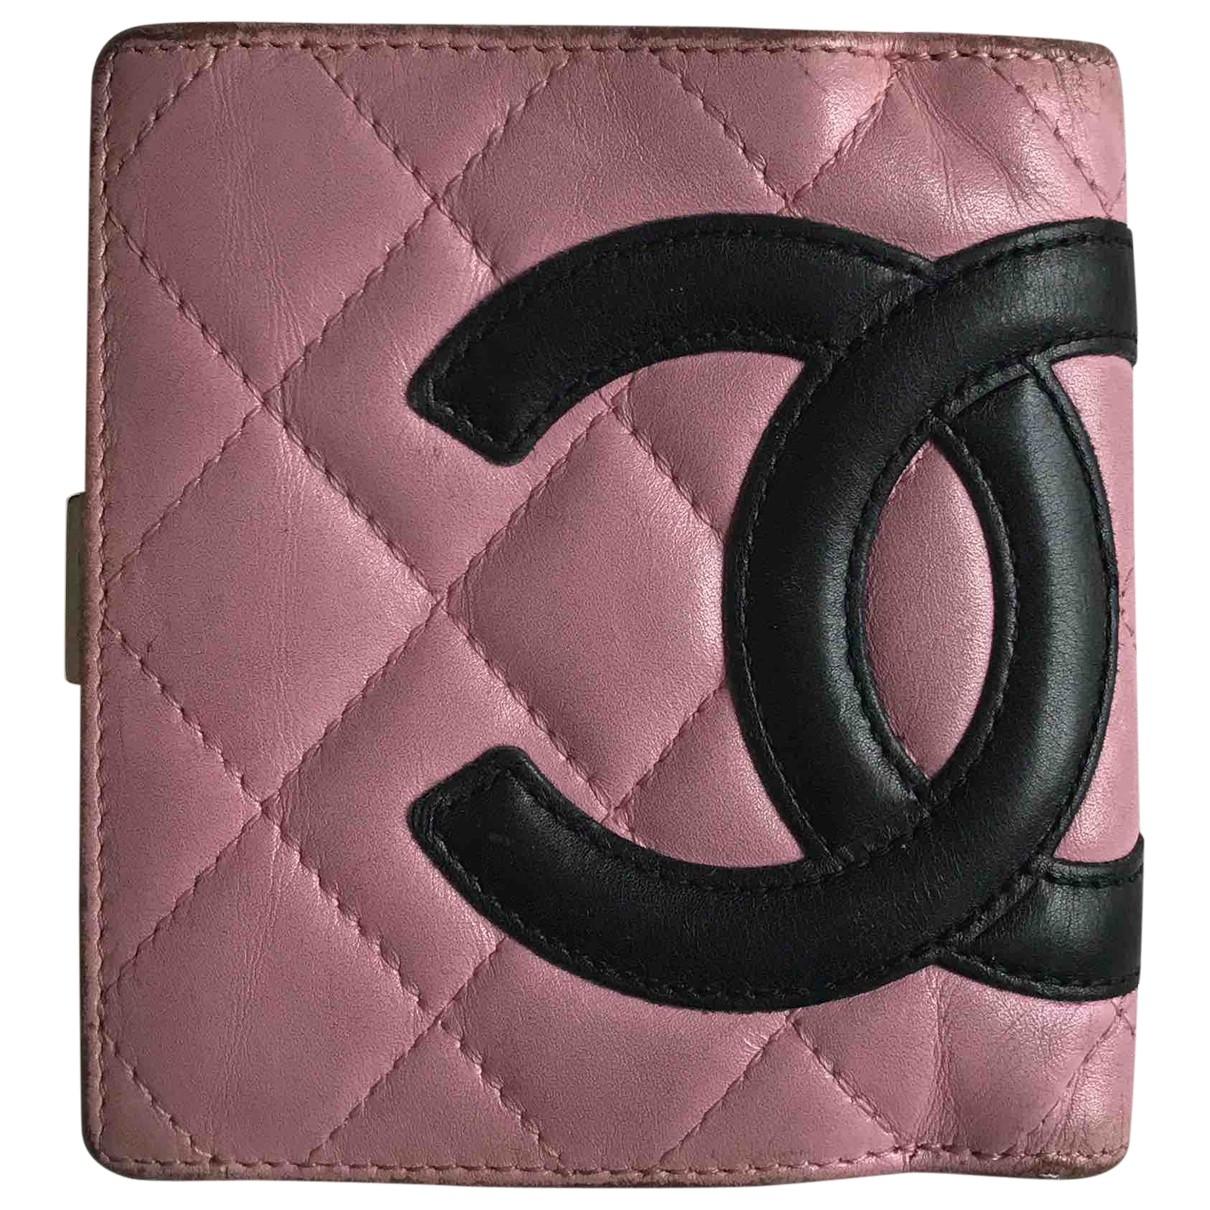 Chanel - Portefeuille Cambon pour femme en cuir - rose